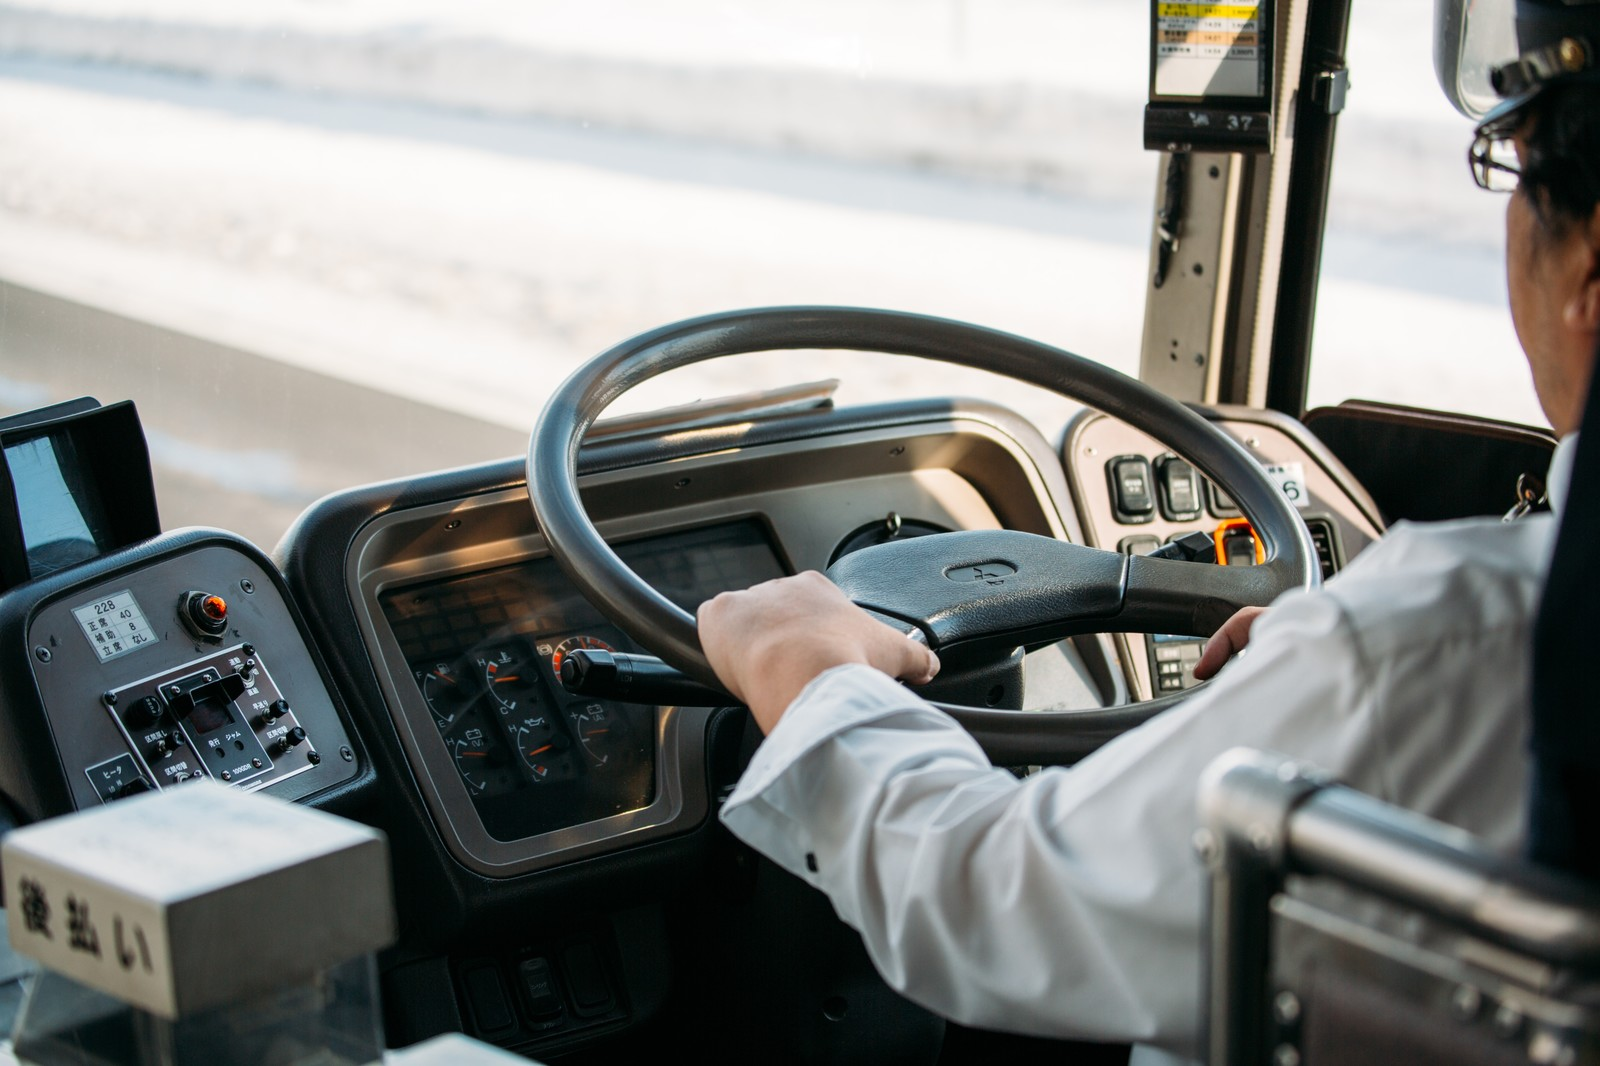 「高速バスの運転手高速バスの運転手」のフリー写真素材を拡大